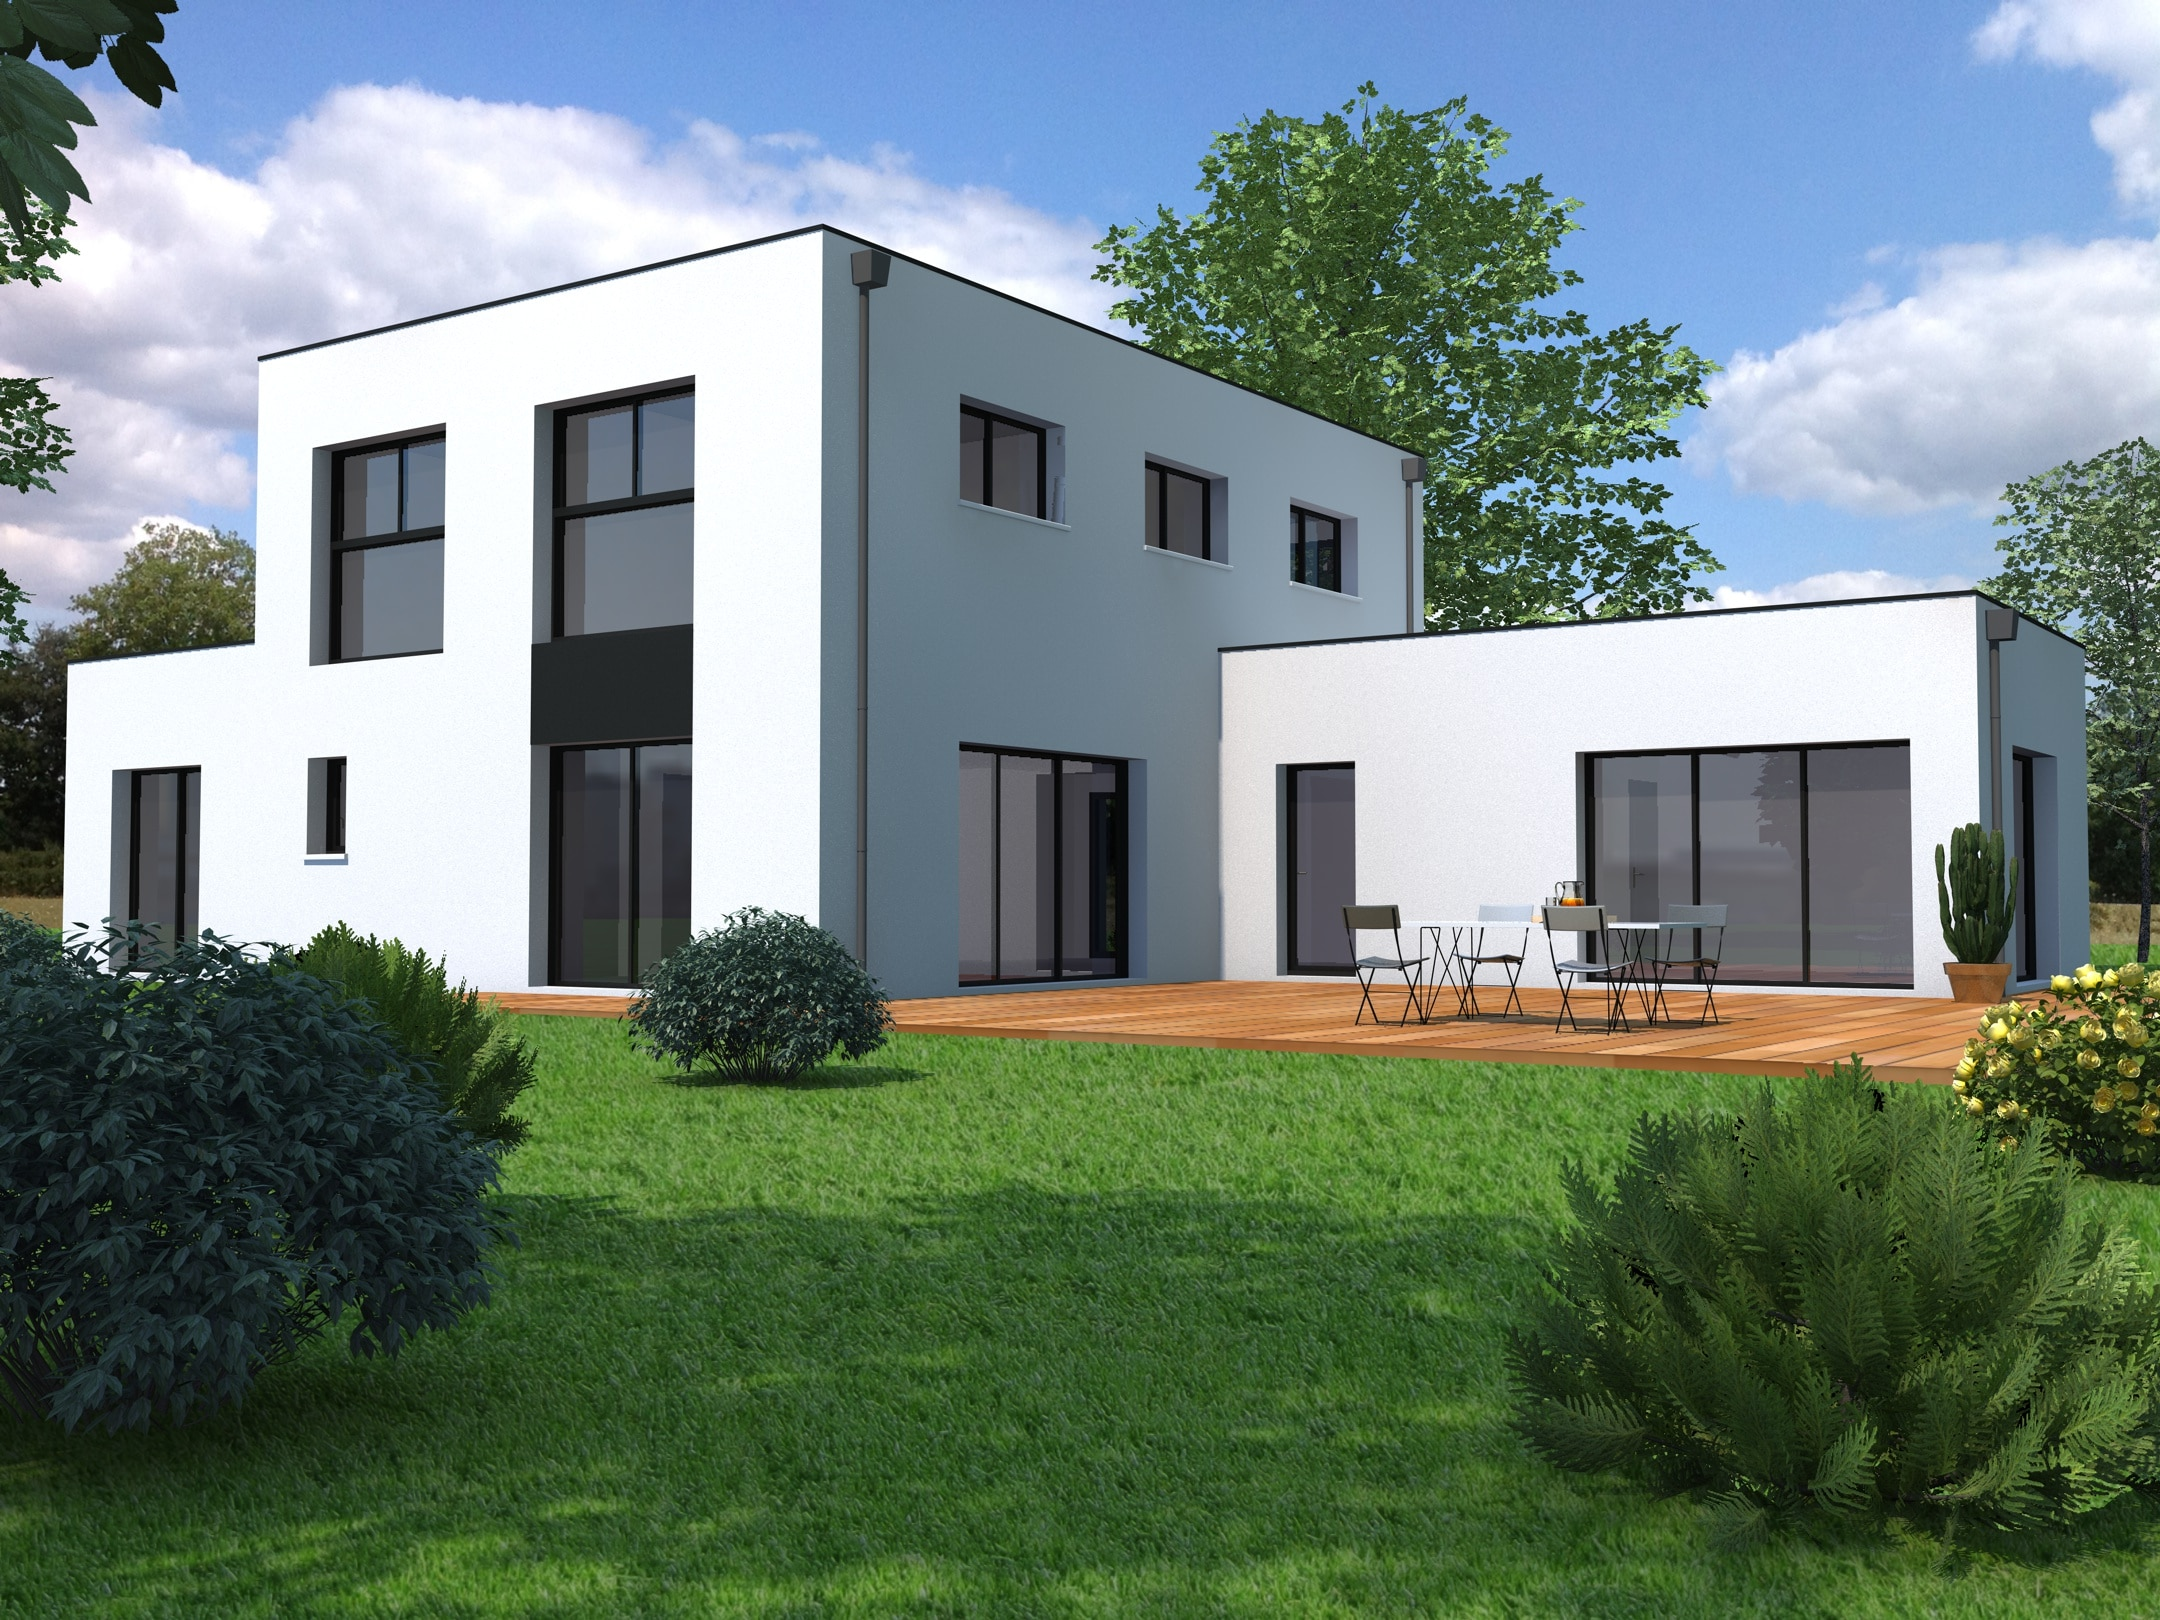 Couleur Exterieur Maison Contemporaine maison moderne sur-mesure - loire-atlantique (44) - mf